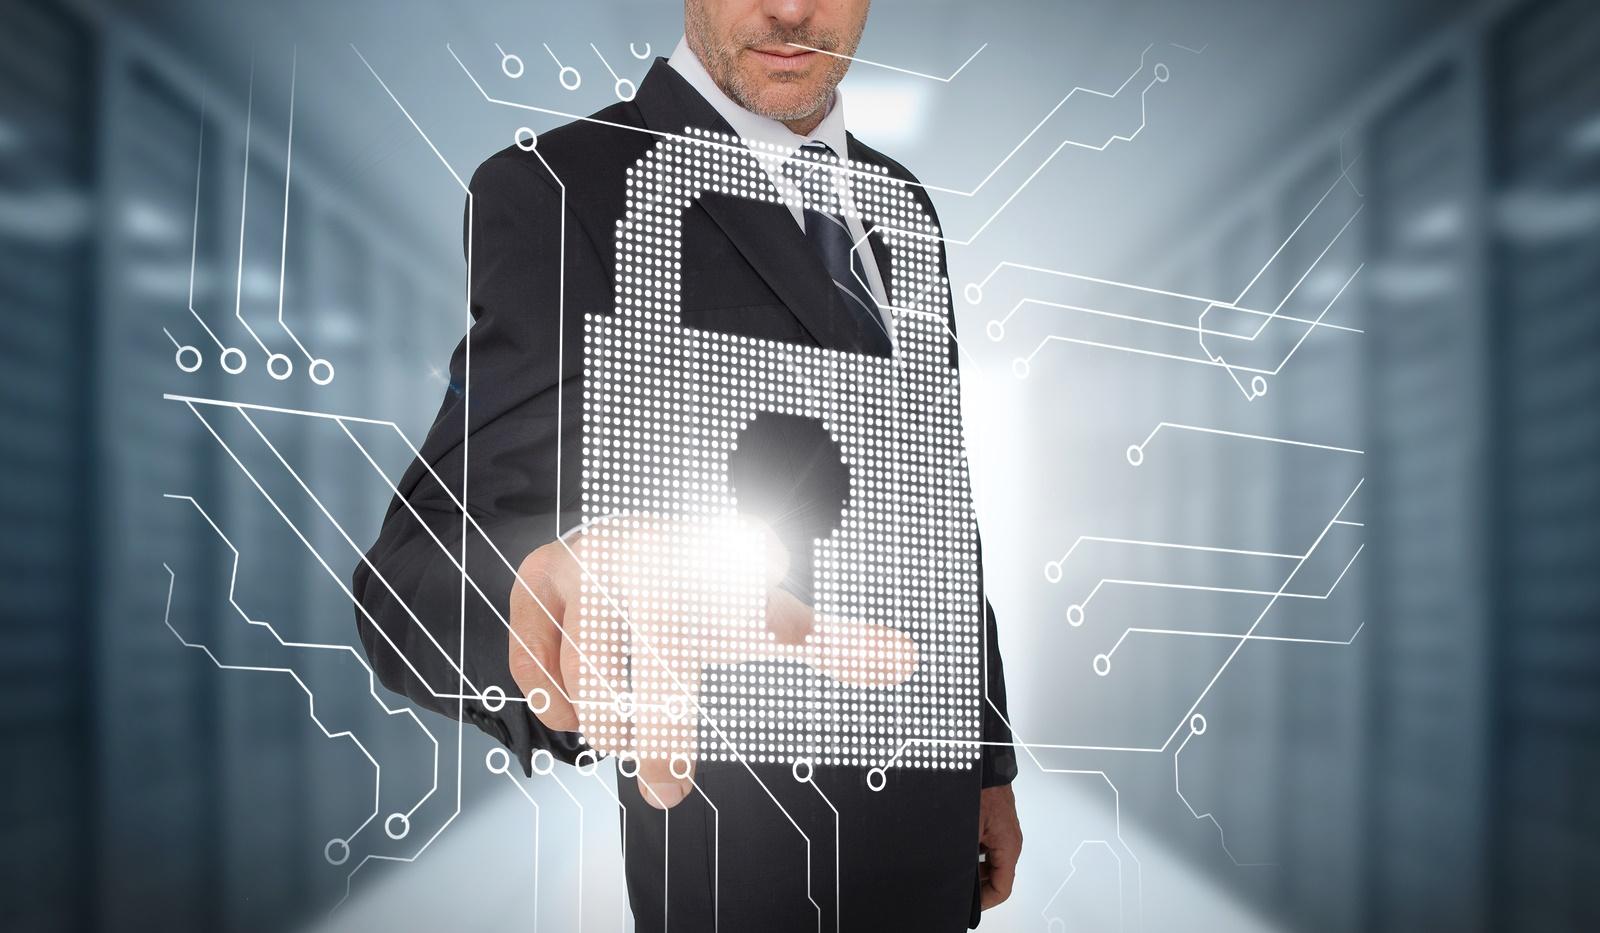 案评:专利说明书附图的公开内容及范围